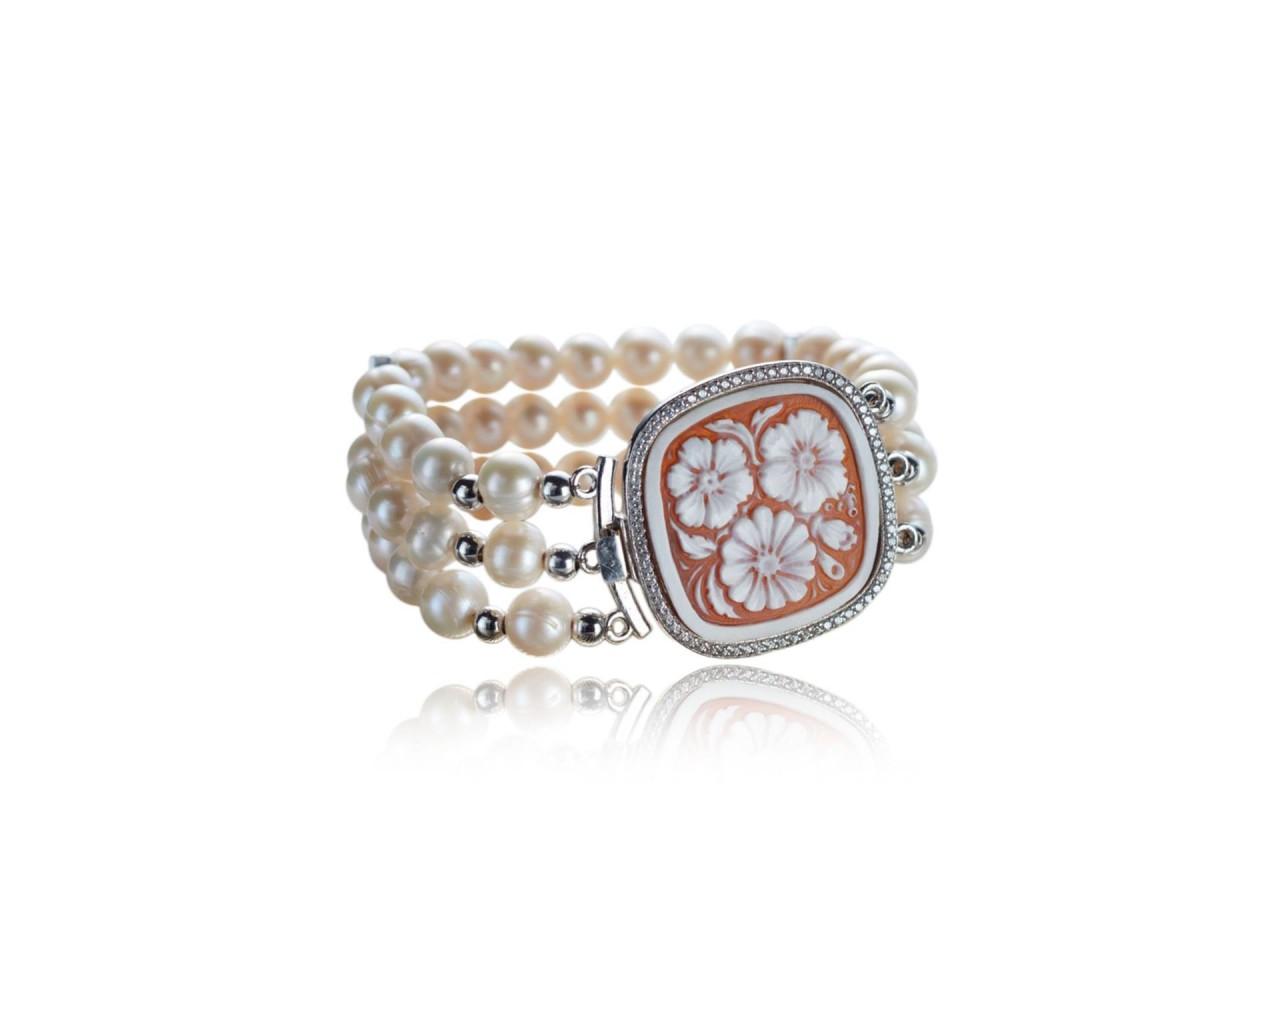 Bracciale in argento in forma rettangolare,con perle di fiume e cammeo sardonico